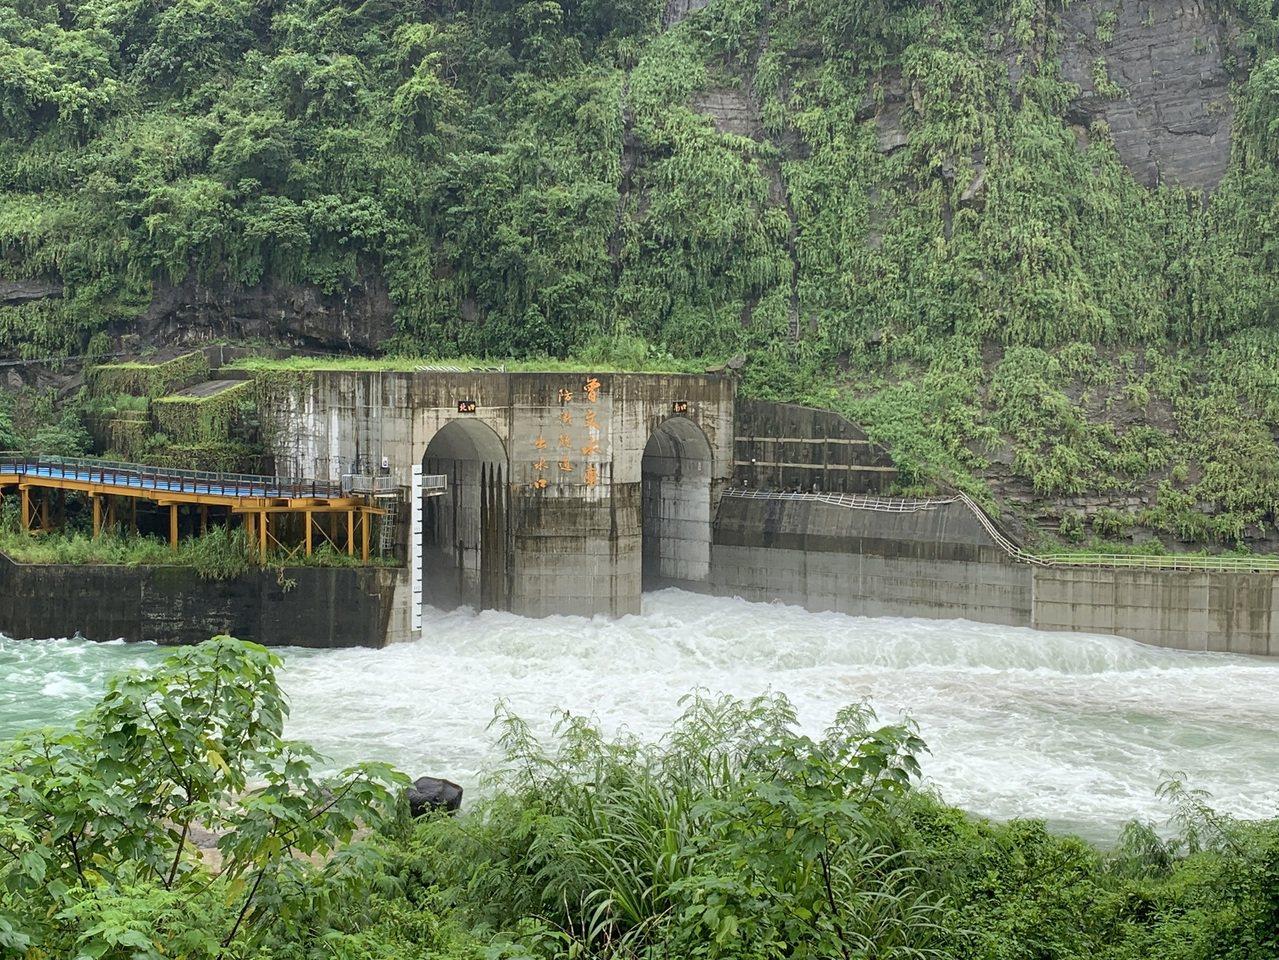 曾文水庫啟動防淤隧道排庫底沈砂。圖/南區水資源局提供